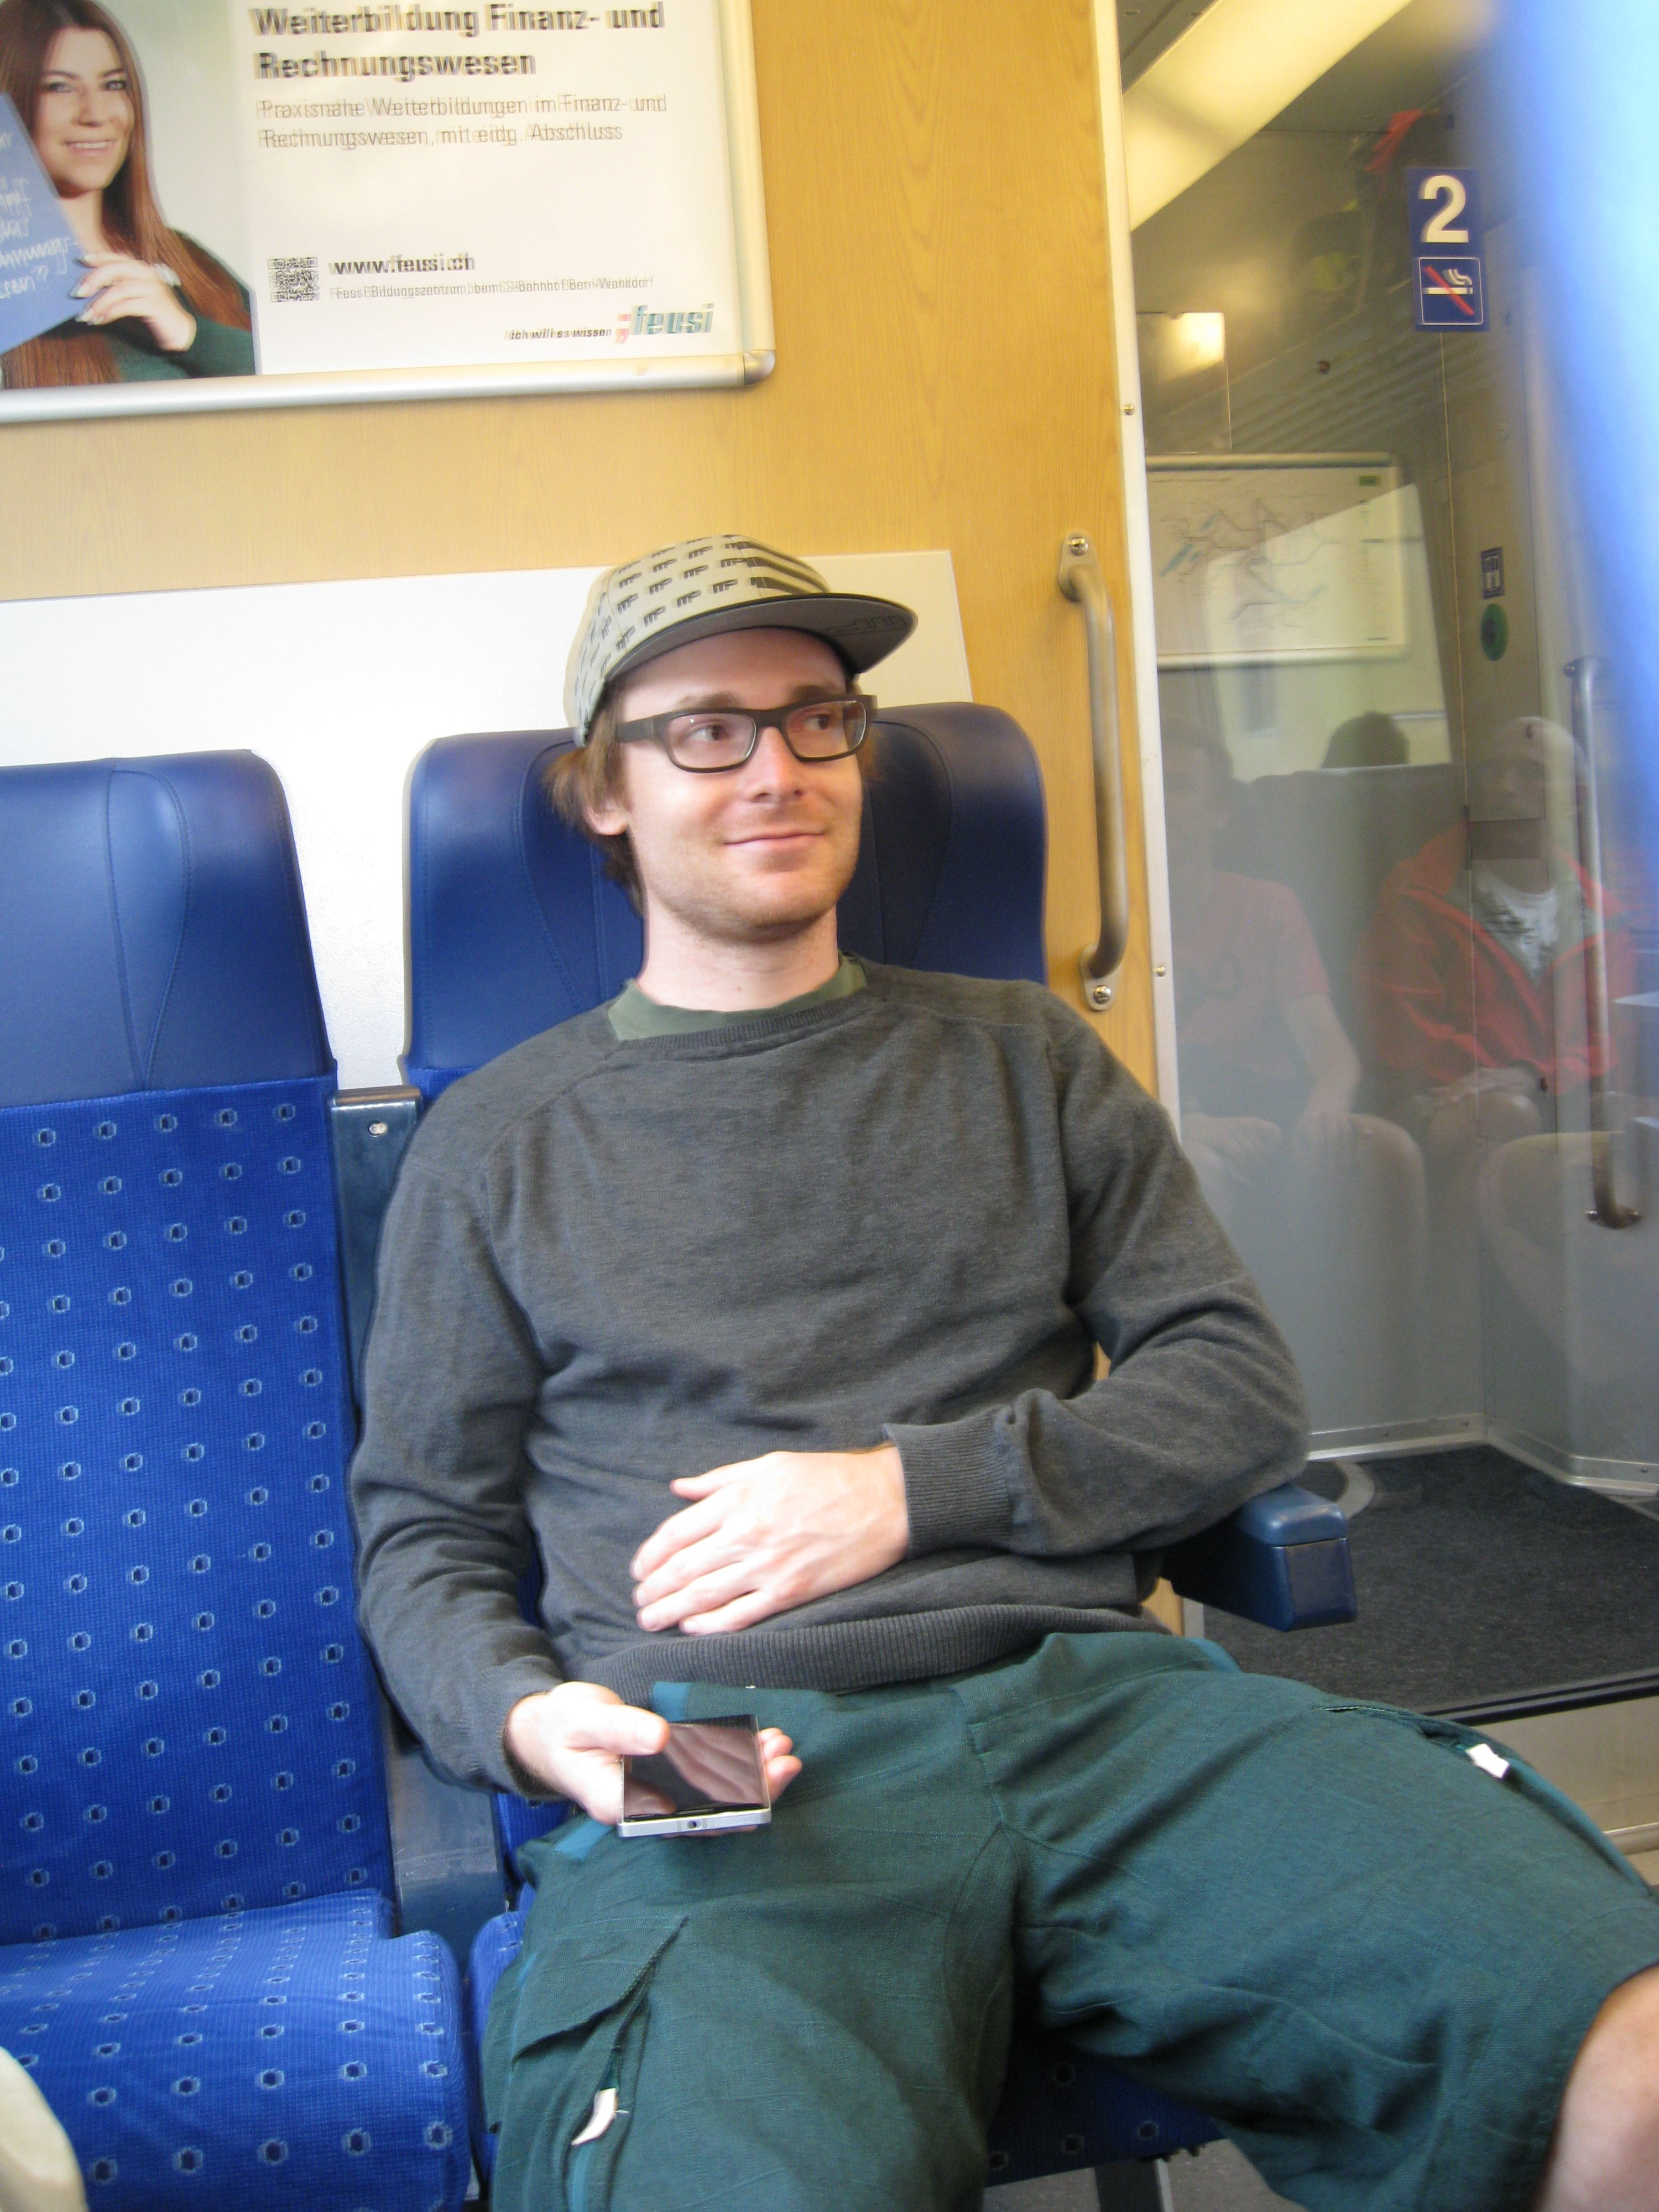 2016-09-04-Entlebuch-231-IMG_5204